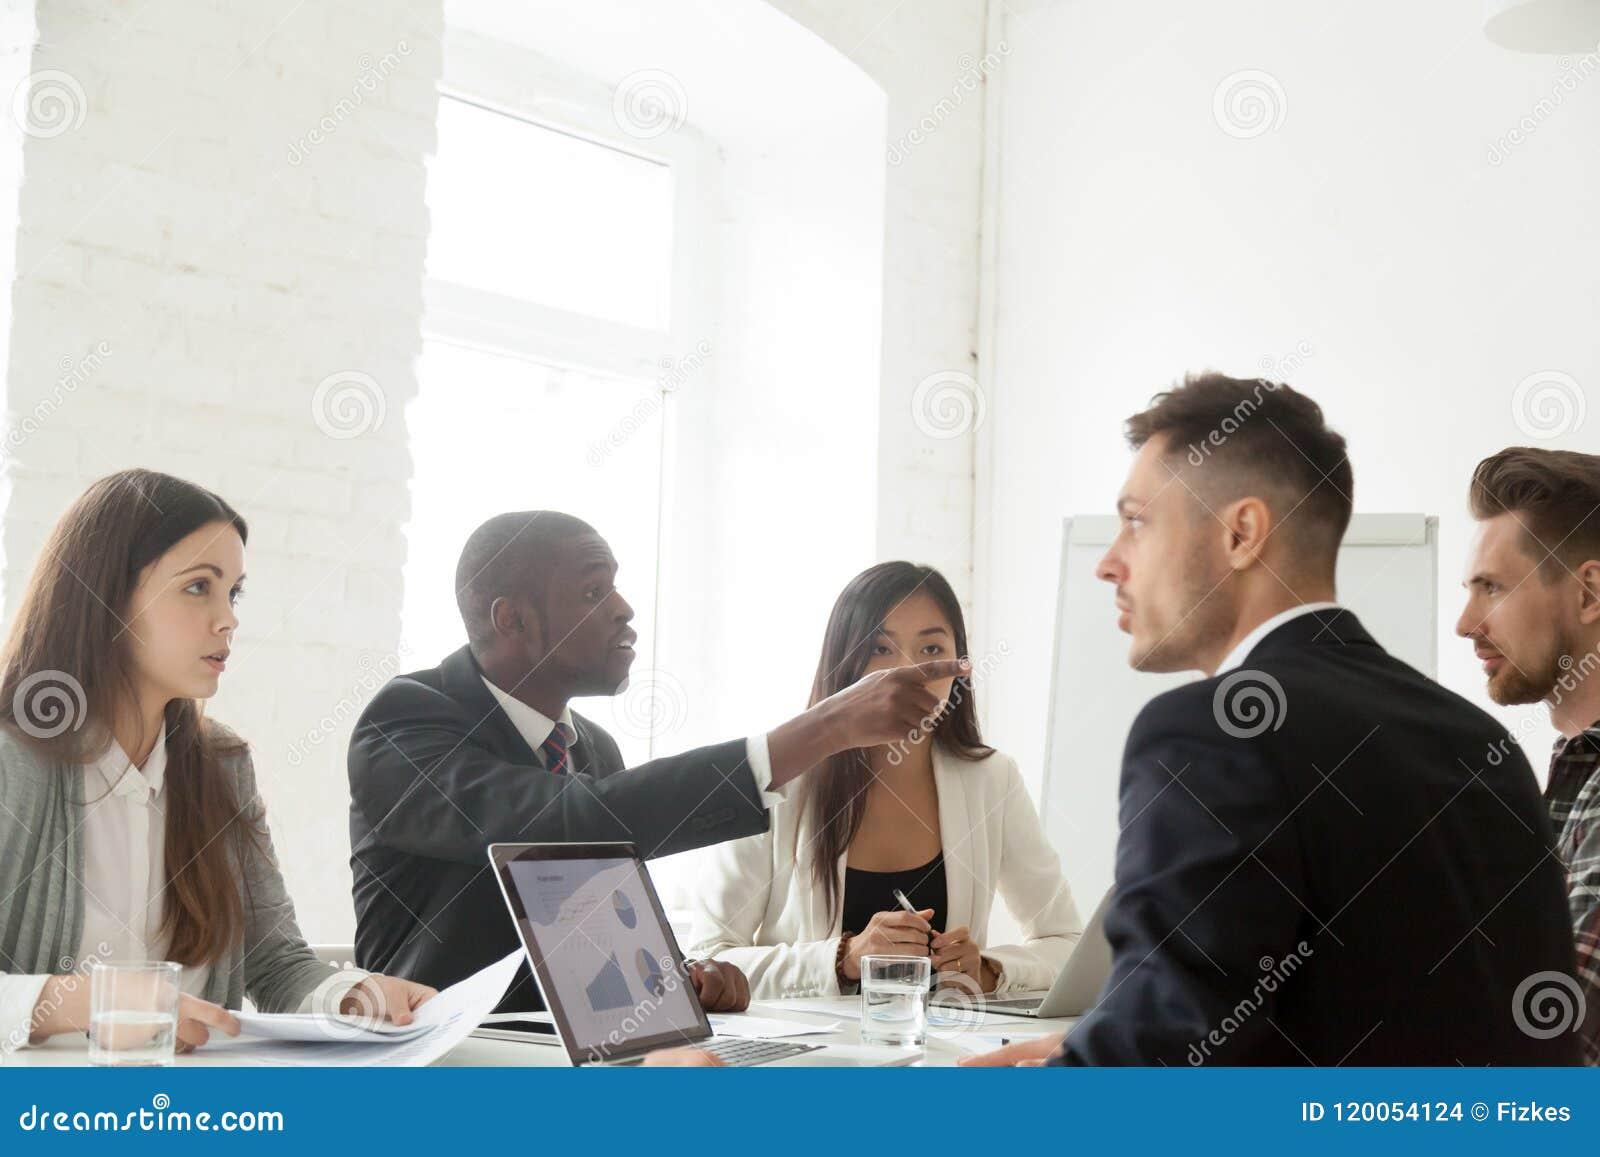 Διαφορετικοί συνάδελφοι που αμφισβητούν κατά τη διάρκεια της συνεδρίασης της εργασίας